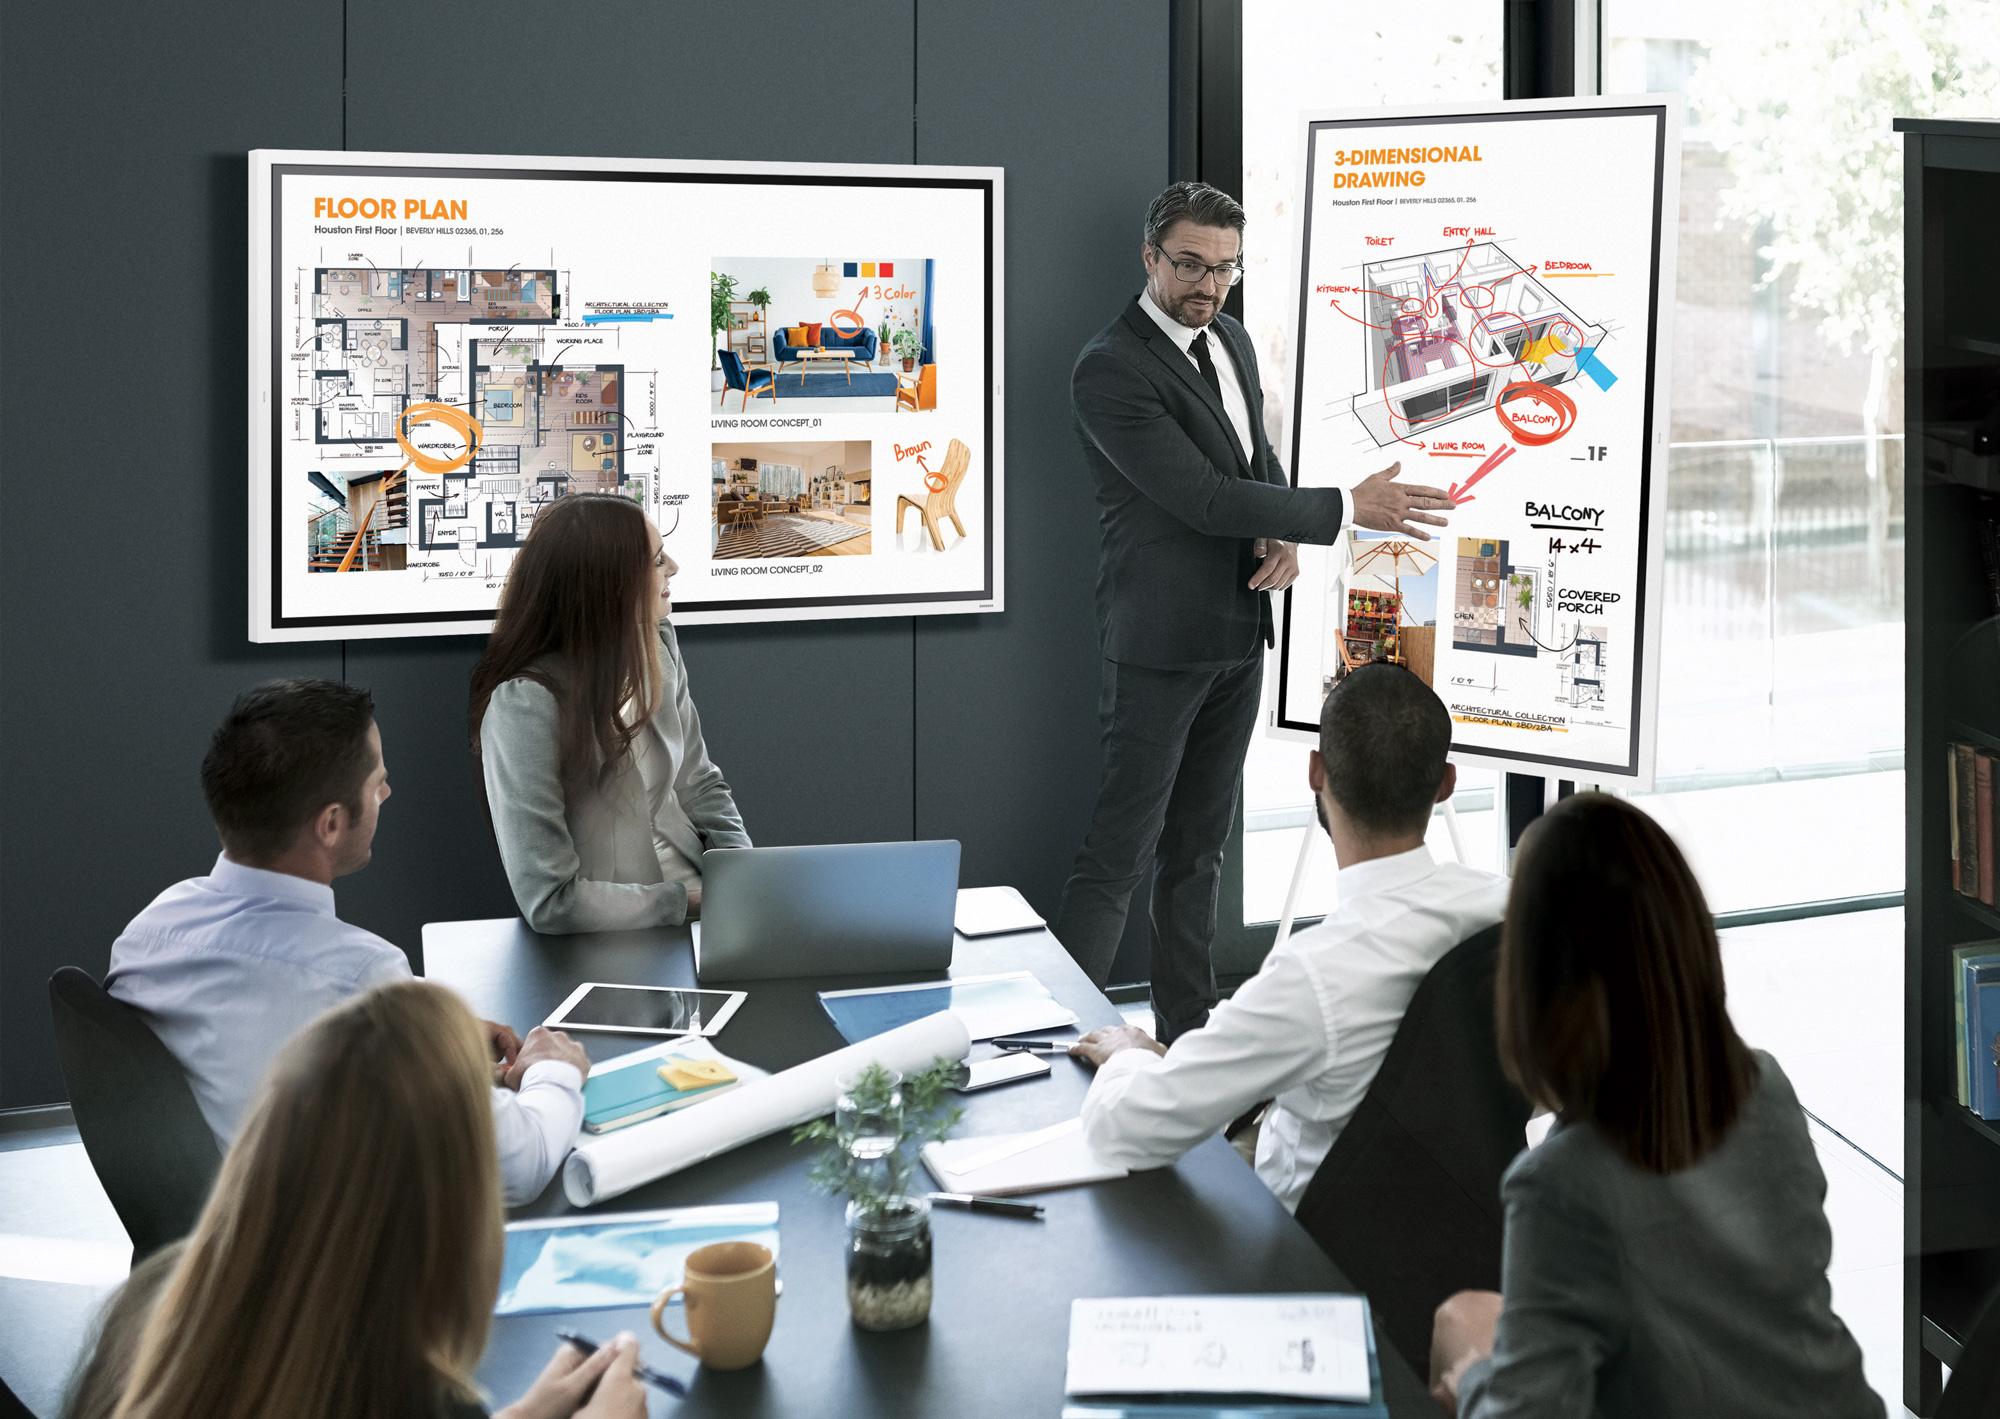 VIDELIO x Samsung 5 personnes en réunion avec 2 écrans interactifs. L'orateur annote un schéma diffusé sur un Samsung Flip